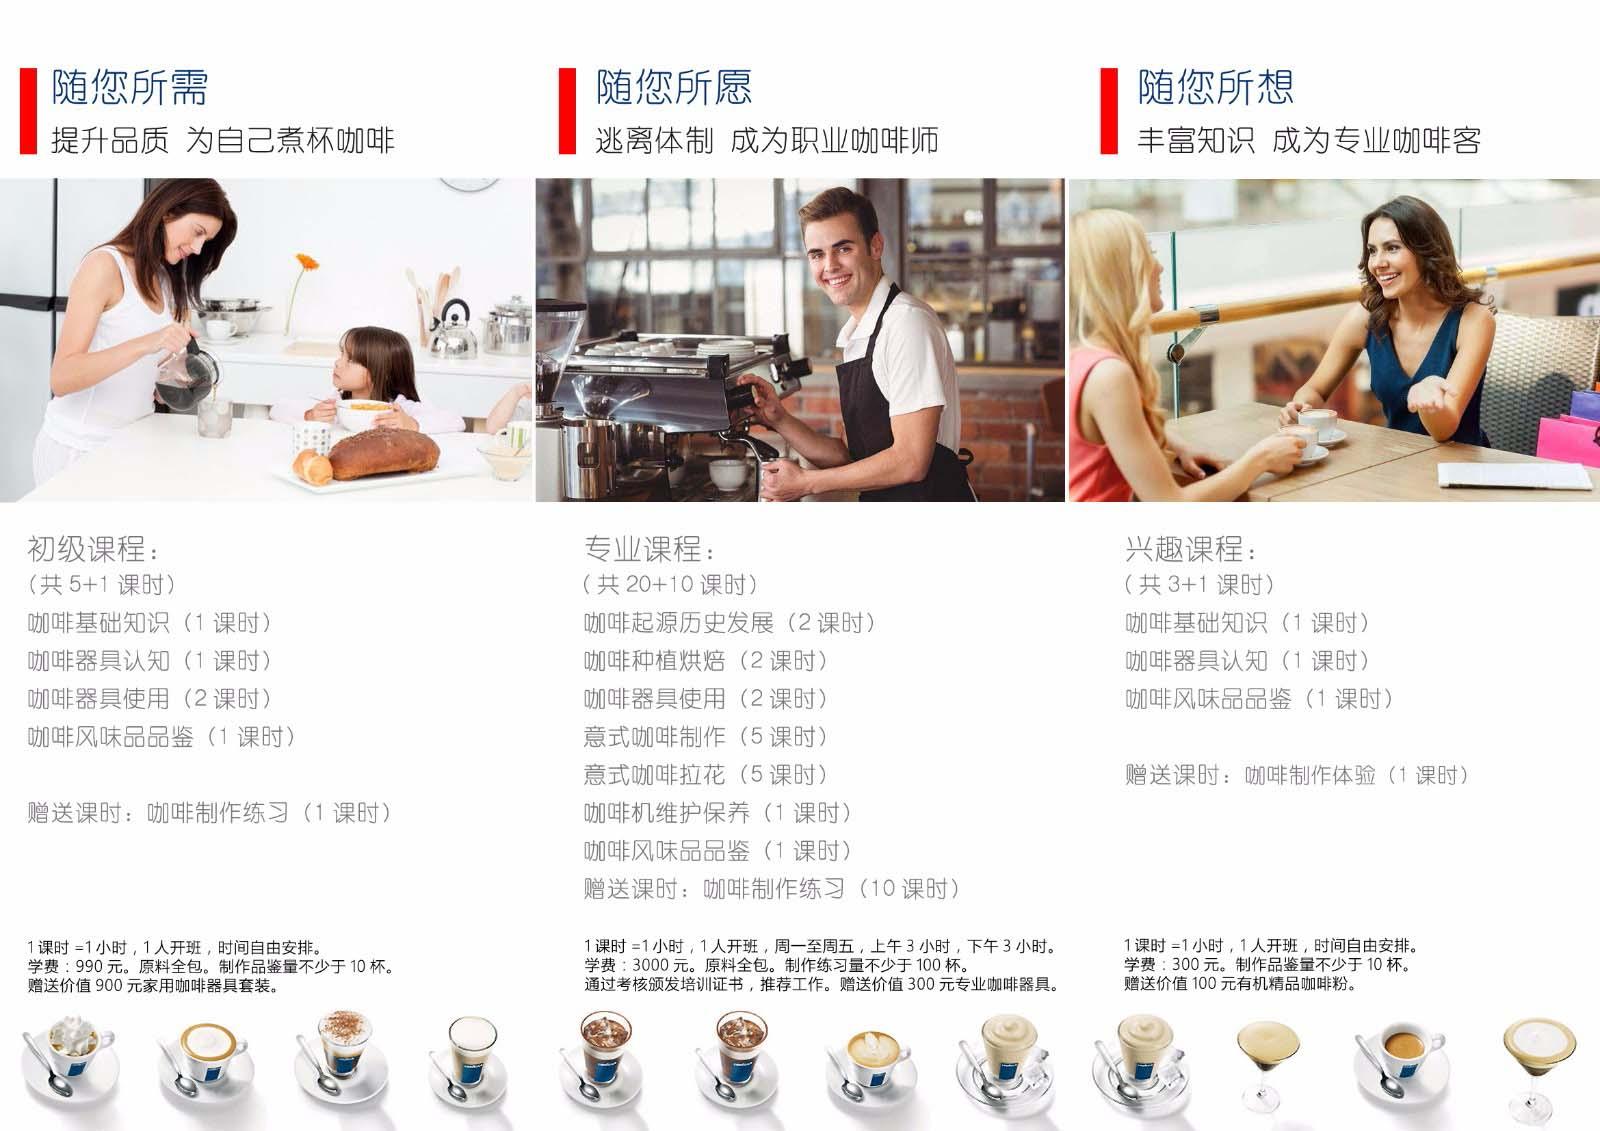 银川咖啡培训哪家好|银川咖啡培训|宁夏咖啡培训_就到喜客商贸